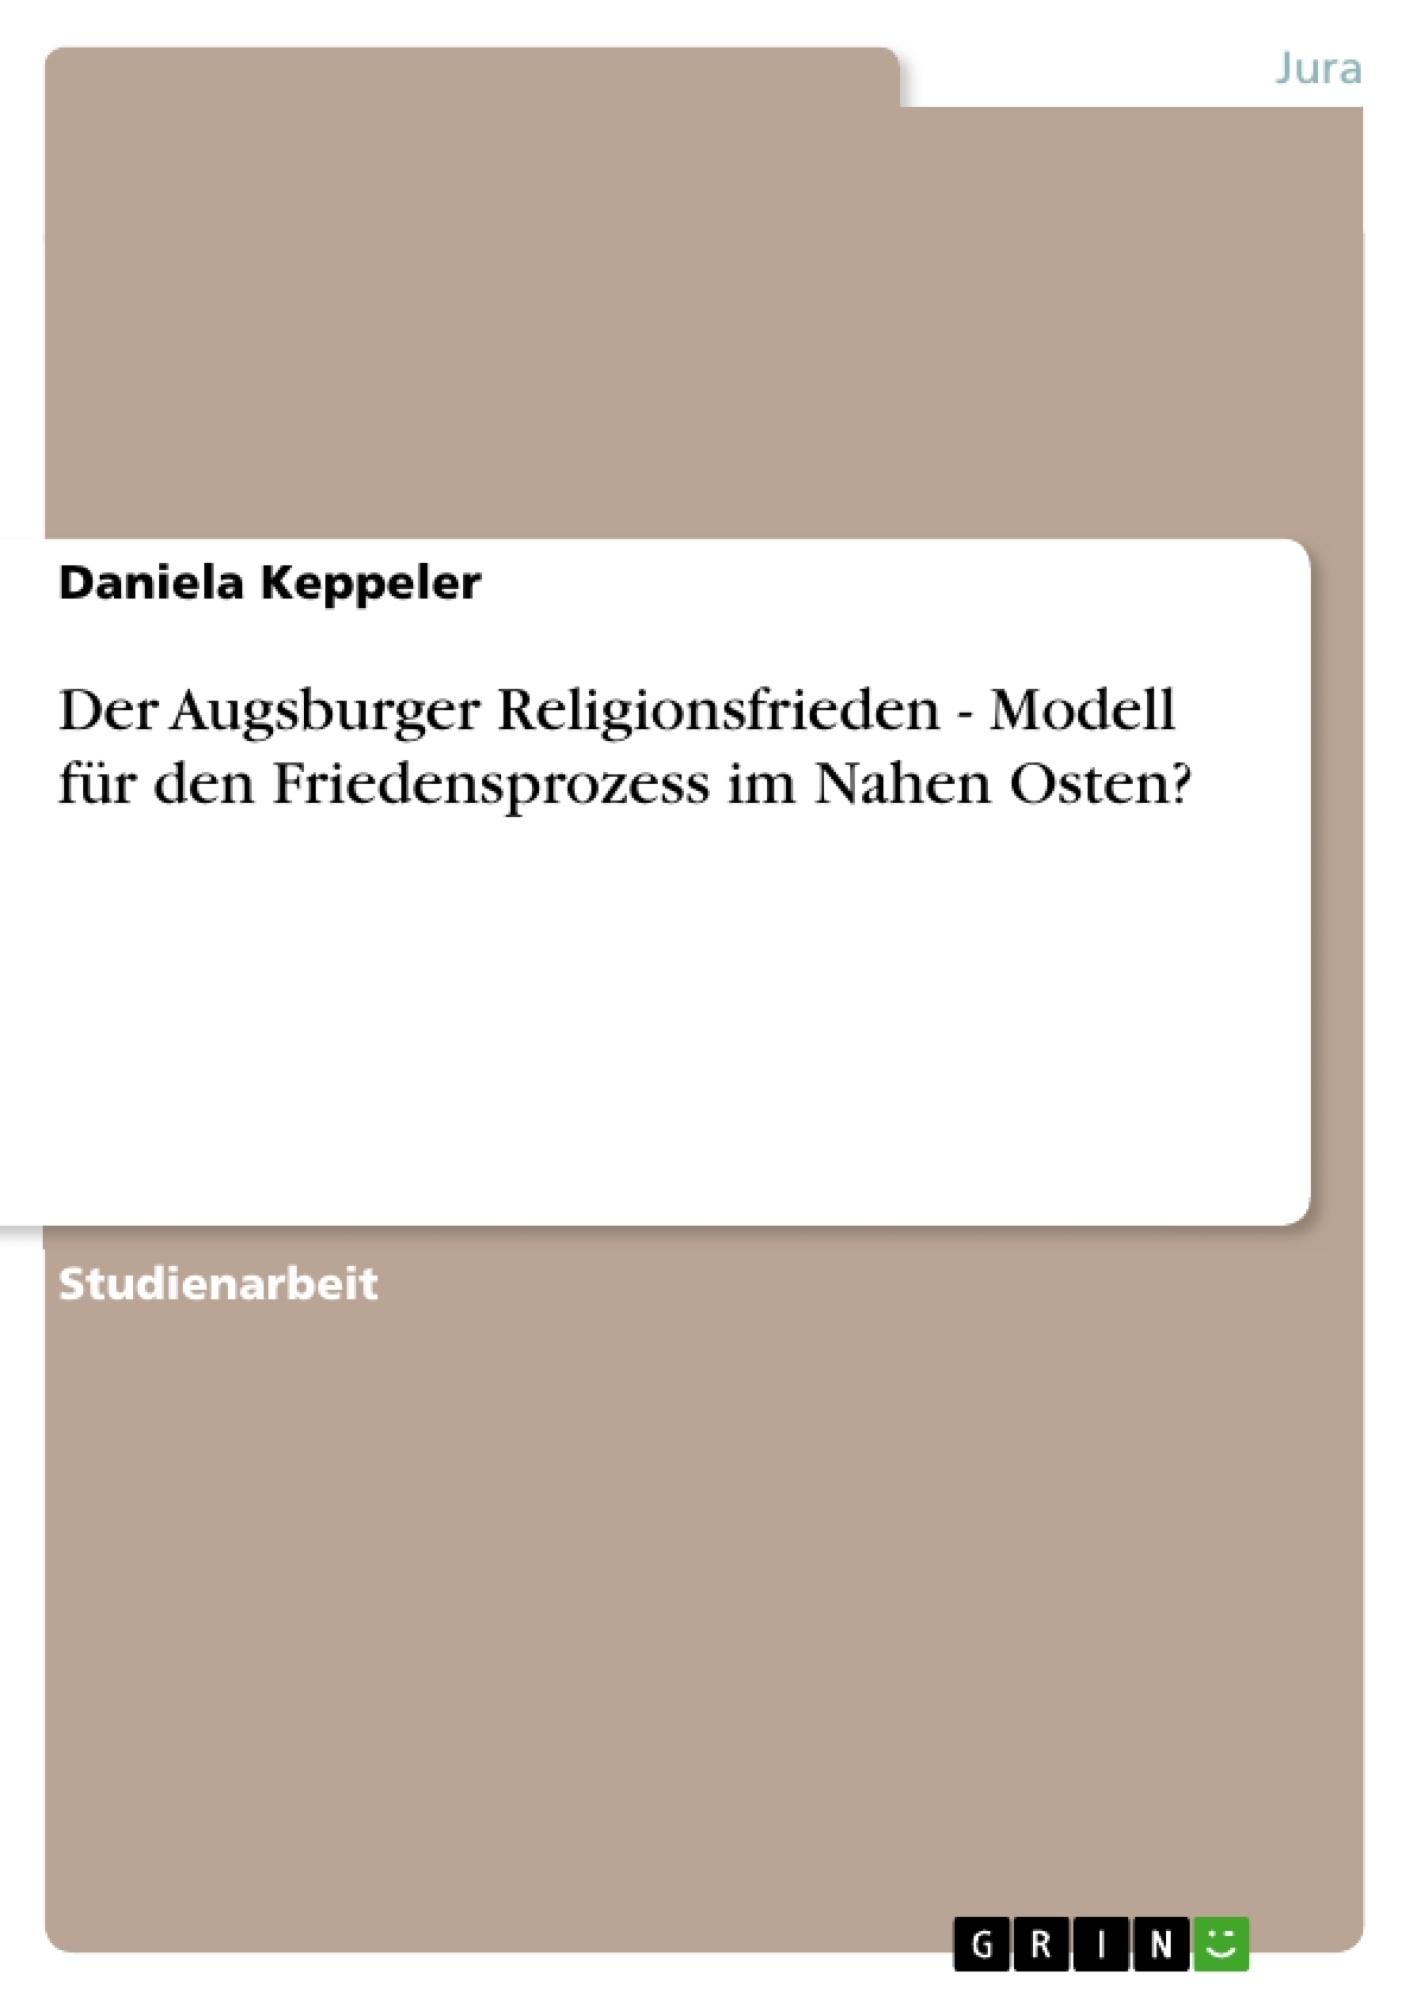 Titel: Der Augsburger Religionsfrieden - Modell für den Friedensprozess im Nahen Osten?